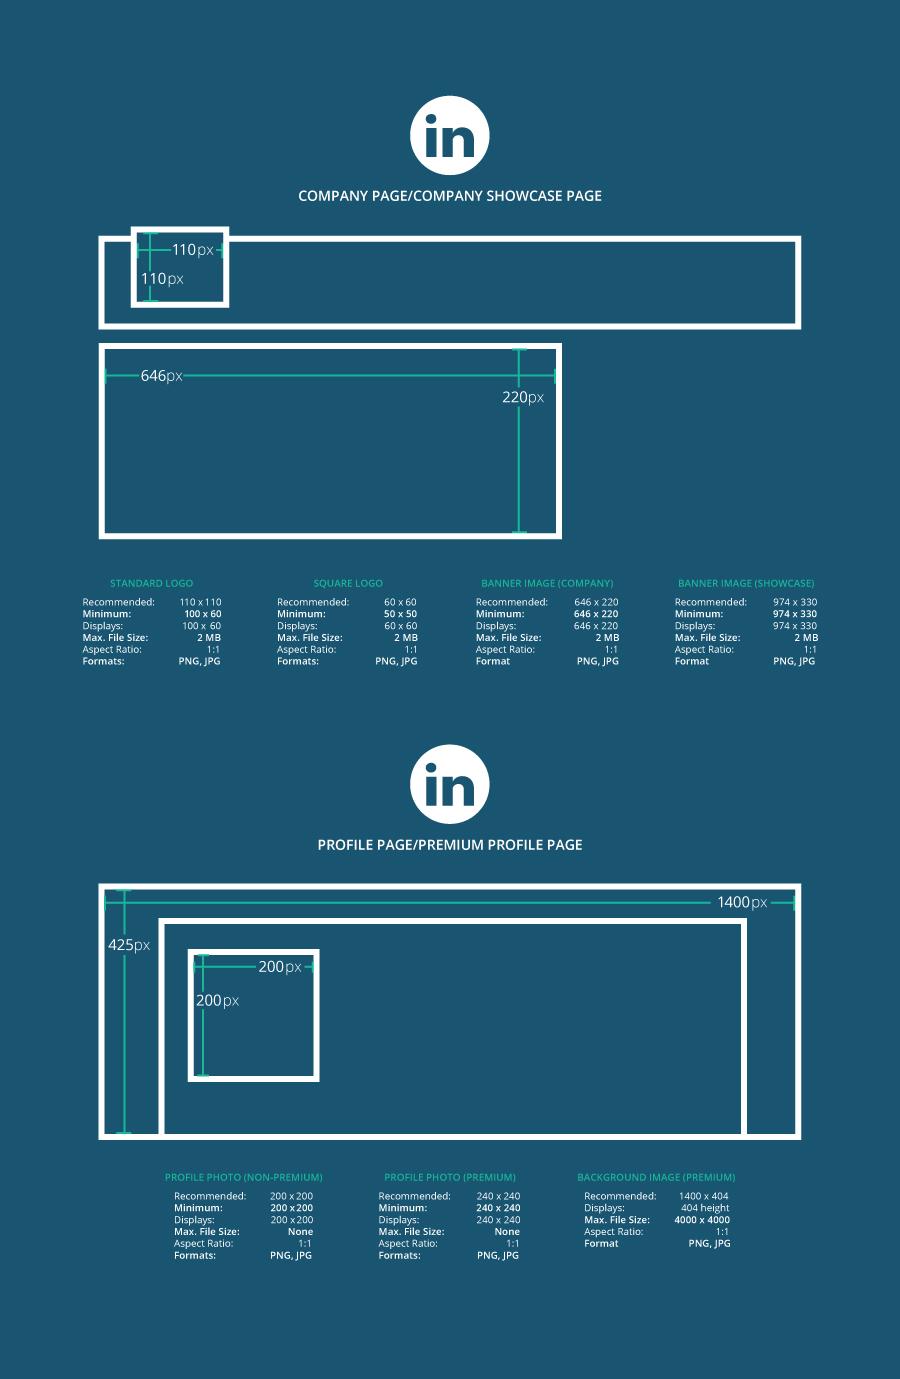 ソーシャルメディア dimensions-LinkedIn1